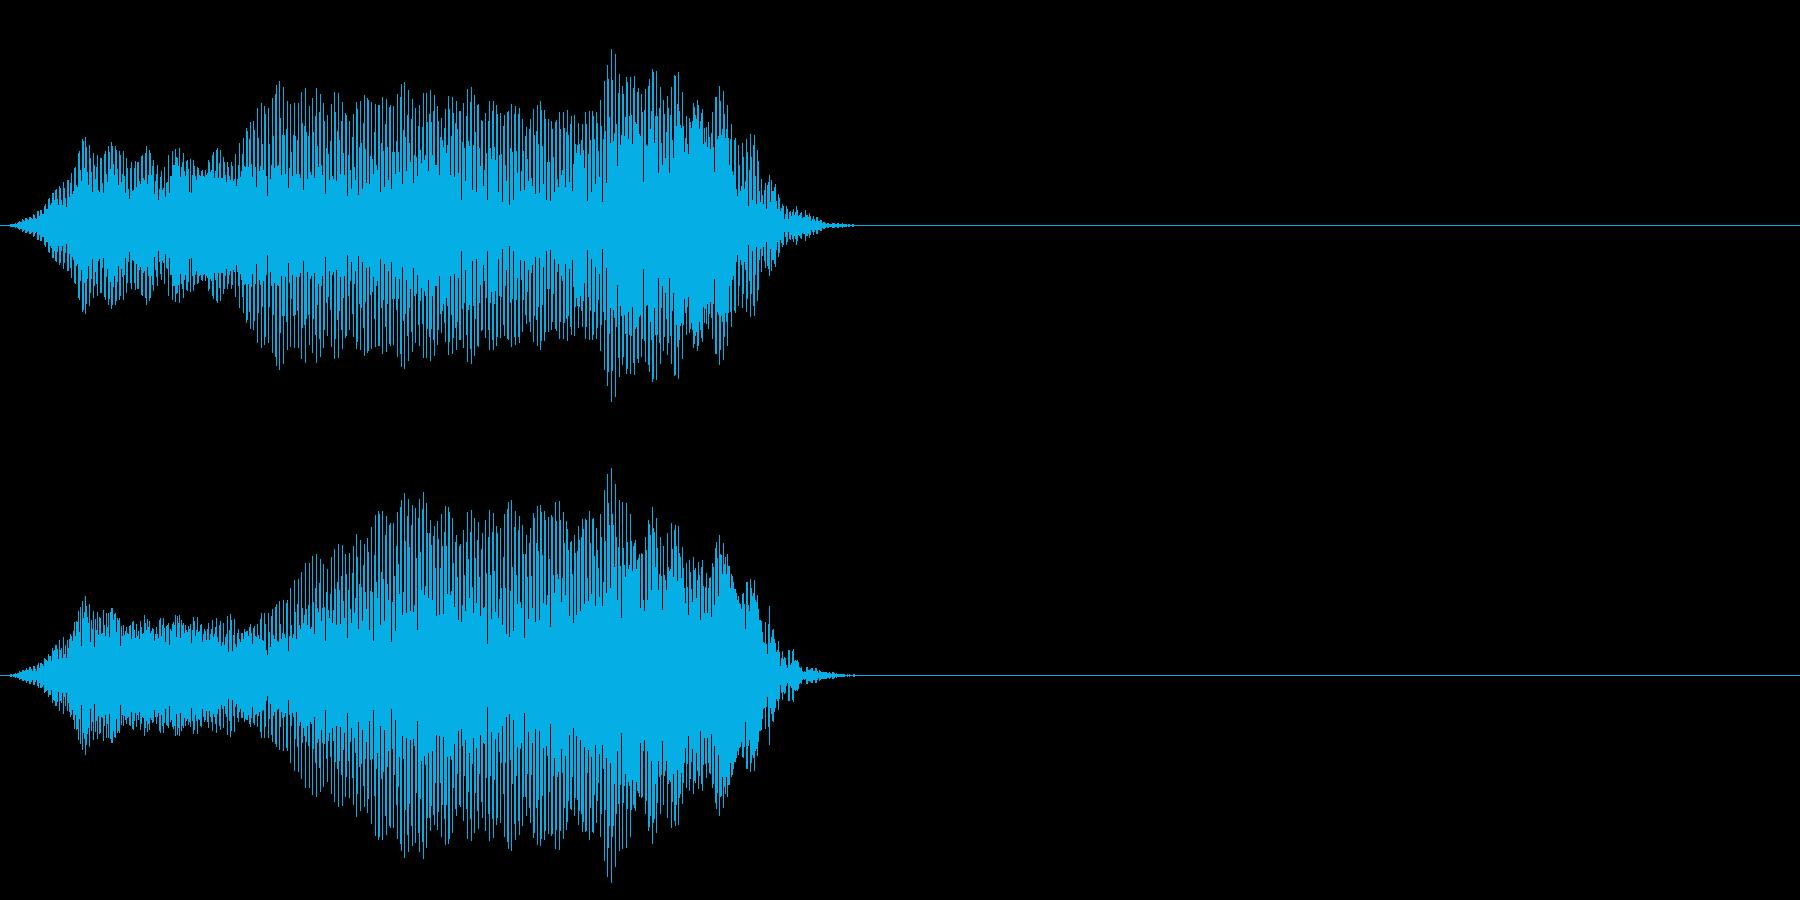 クリーチャー 発声 108の再生済みの波形